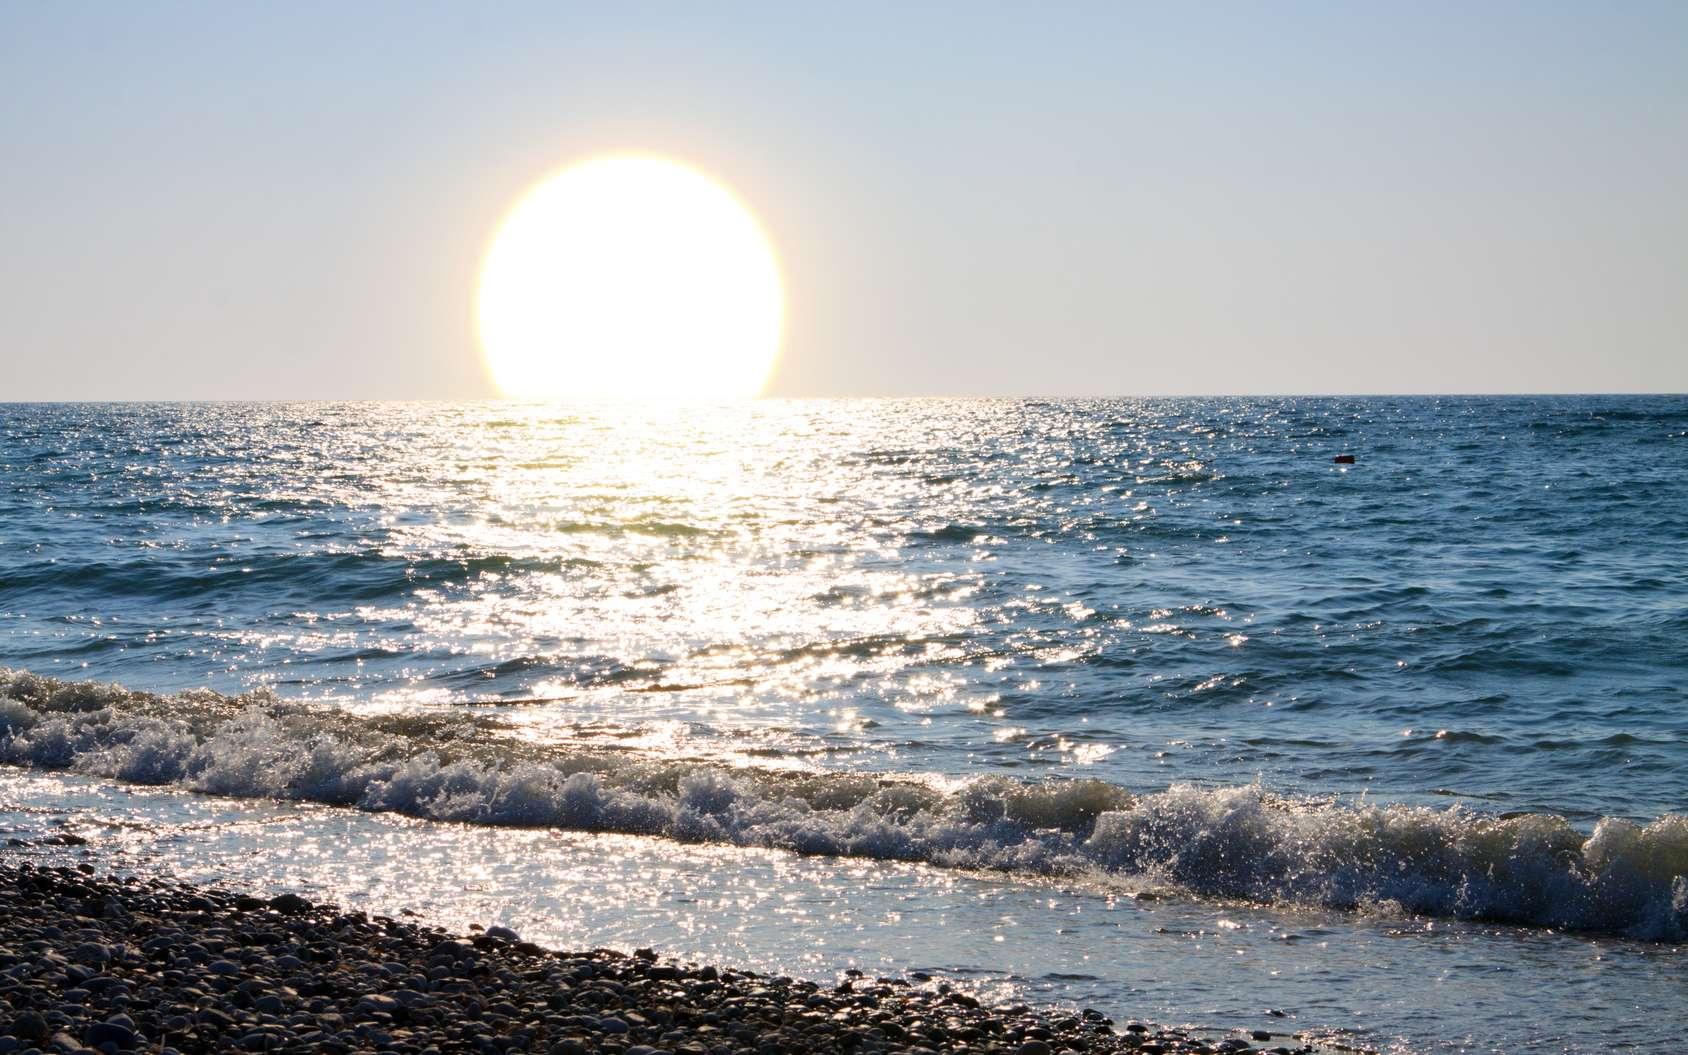 Le solstice d'été correspond au jour le plus long de l'année. © Swetlana Wall, Fotolia